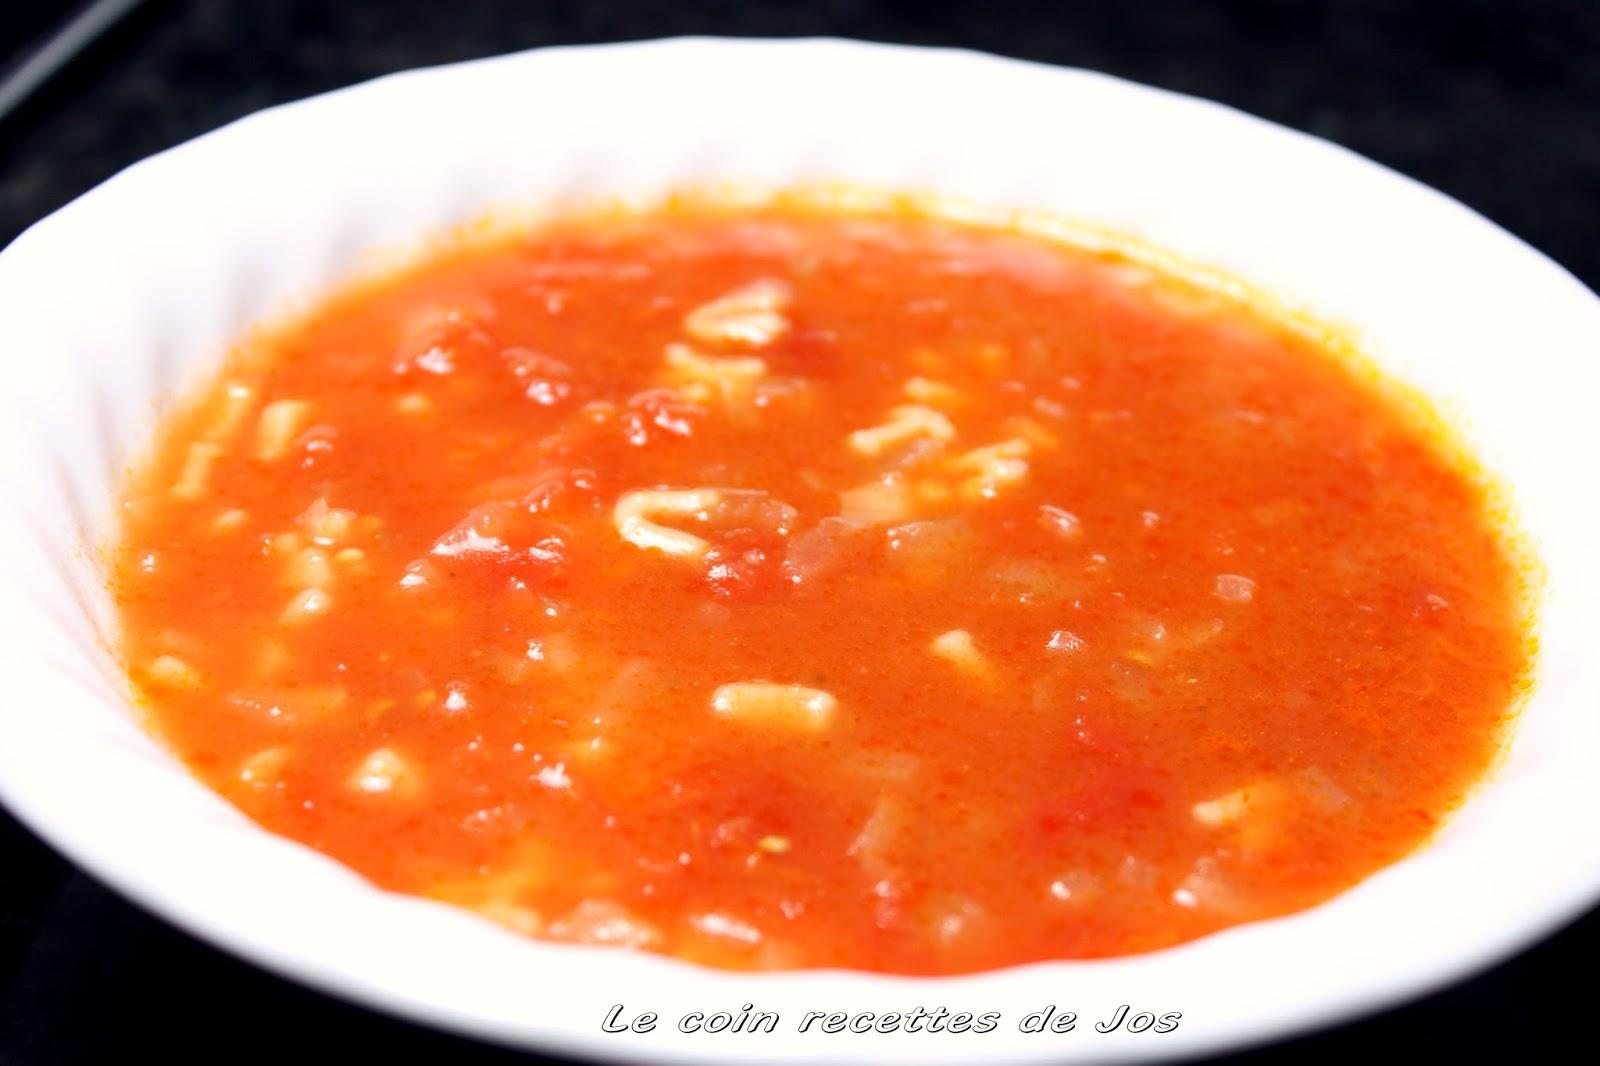 Soupe tomate maison soupe de tomate au thon marin with - Soupe de tomate maison ...